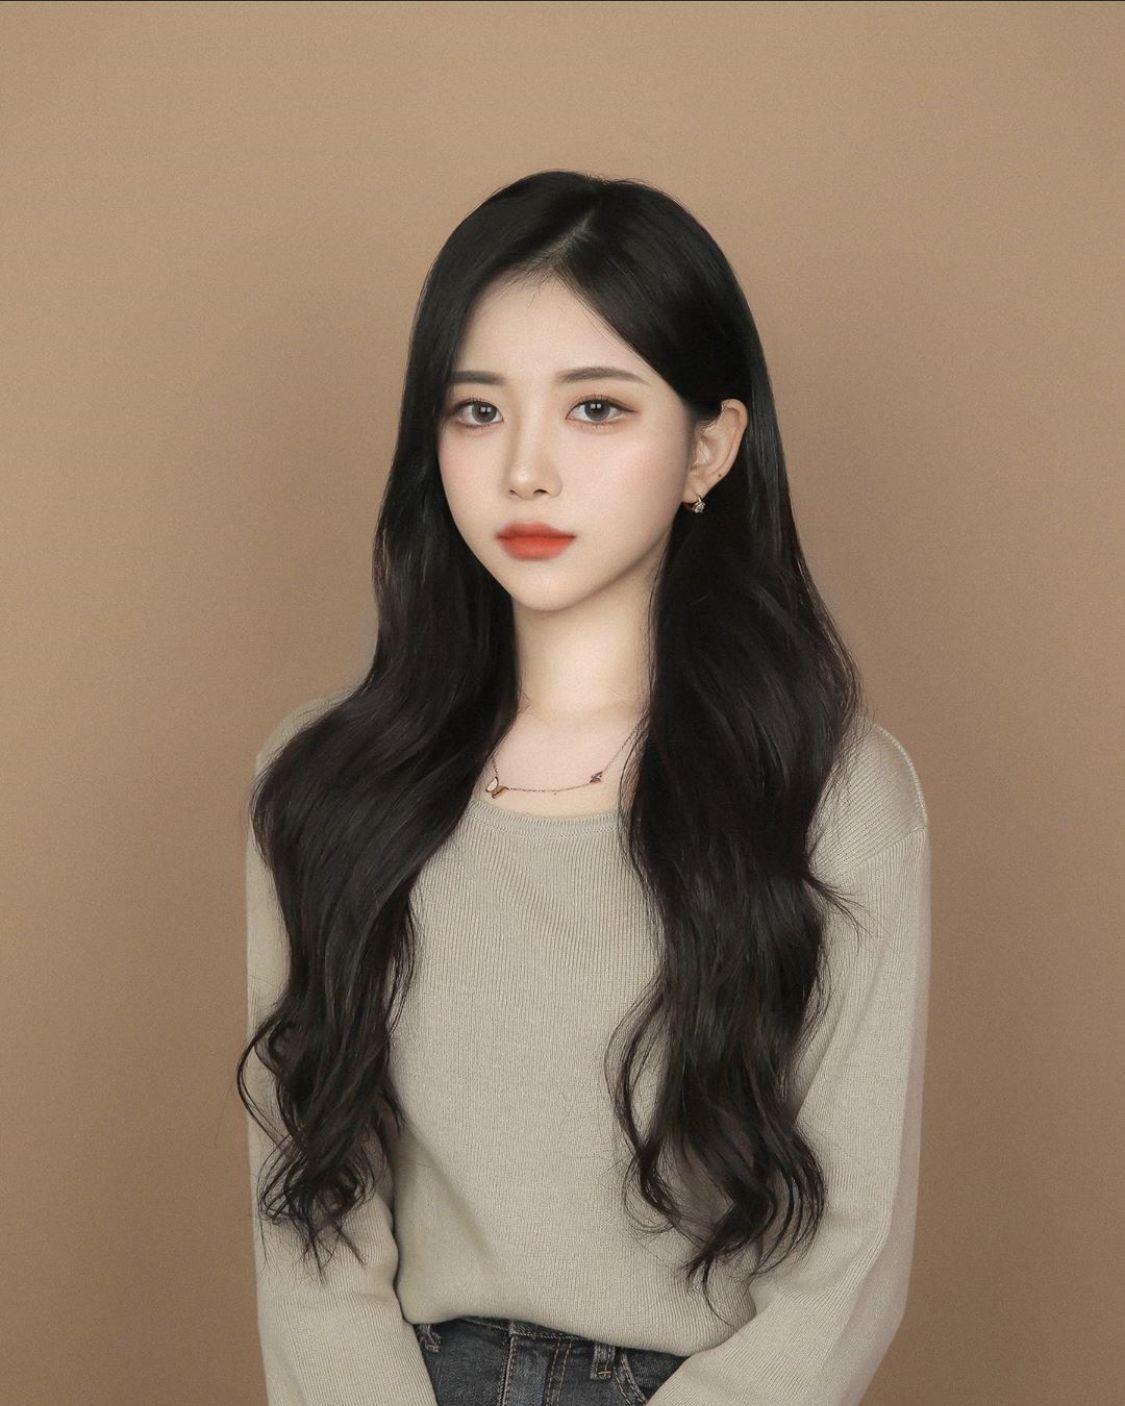 Pin By Desiree Siobhan Liang On Hair Nails And More Than That Korean Long Hair Asian Long Hair Korean Hair Color